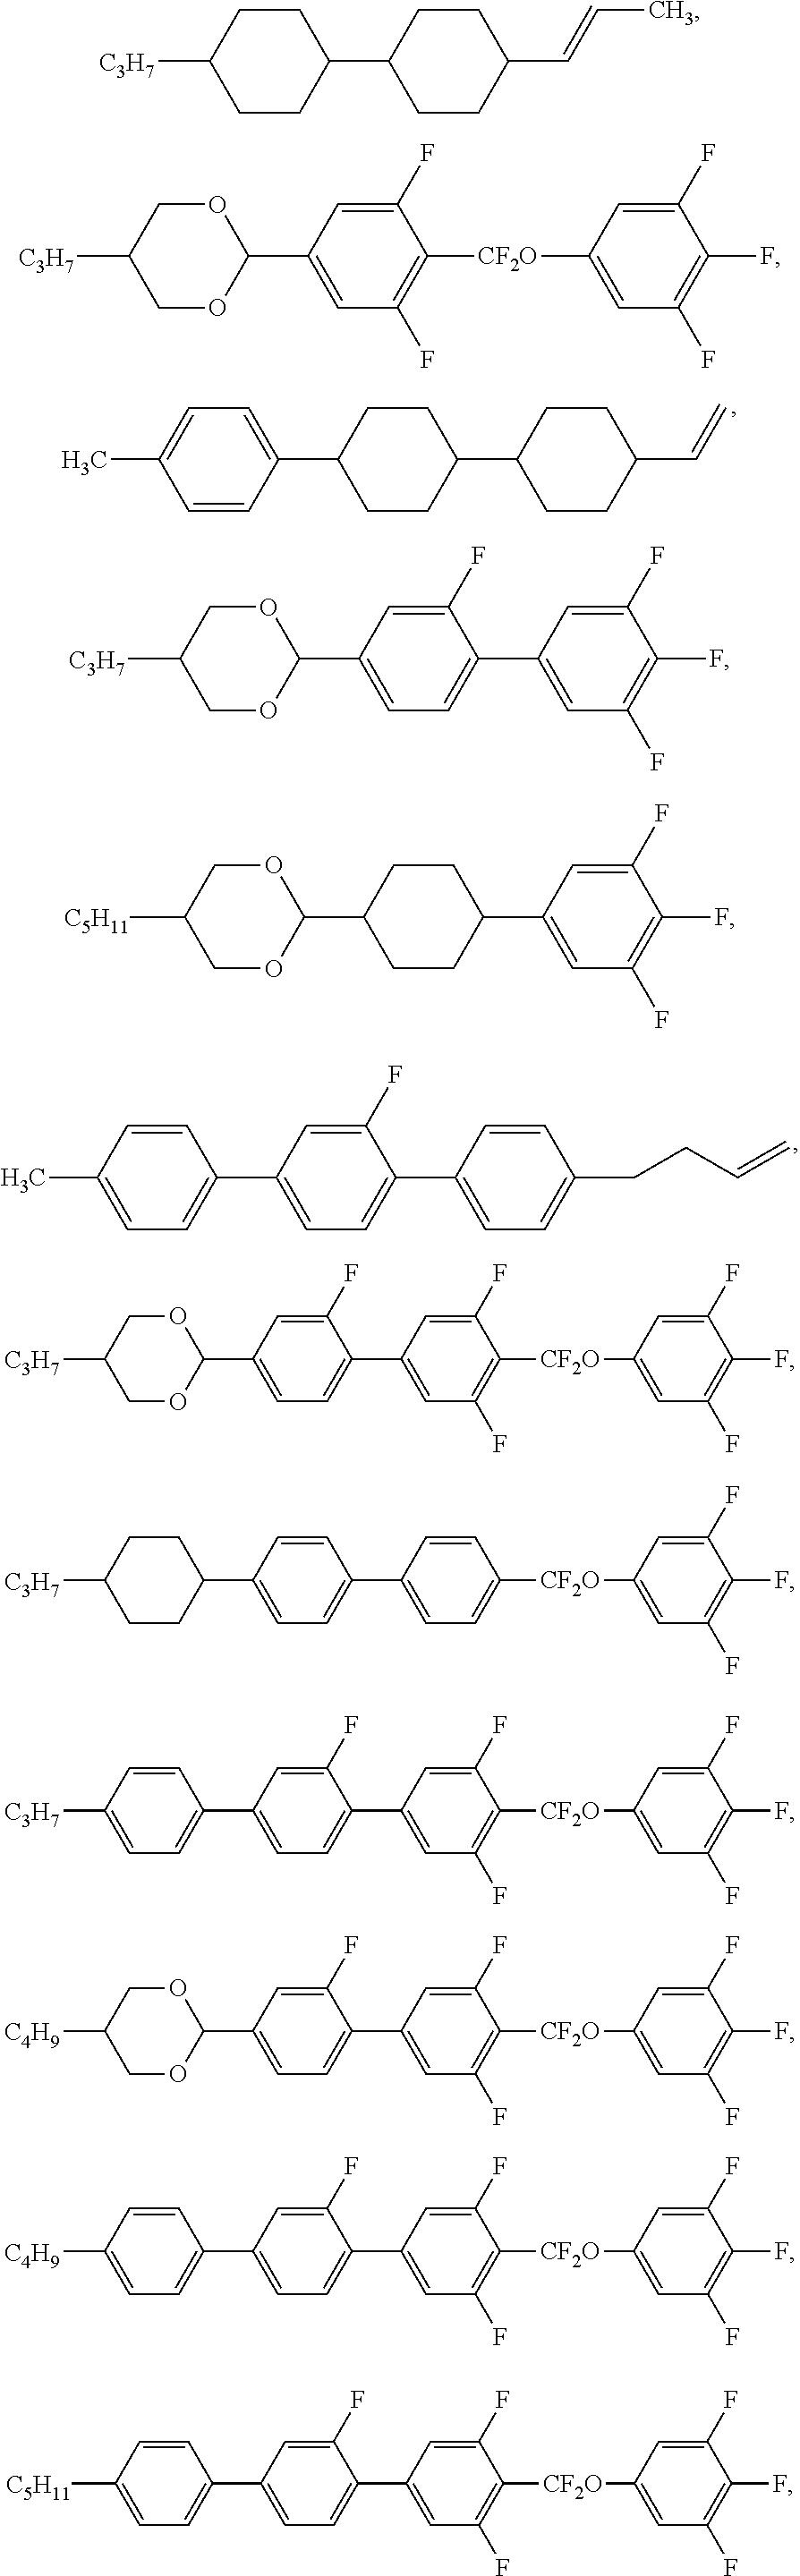 Figure US09410085-20160809-C00002